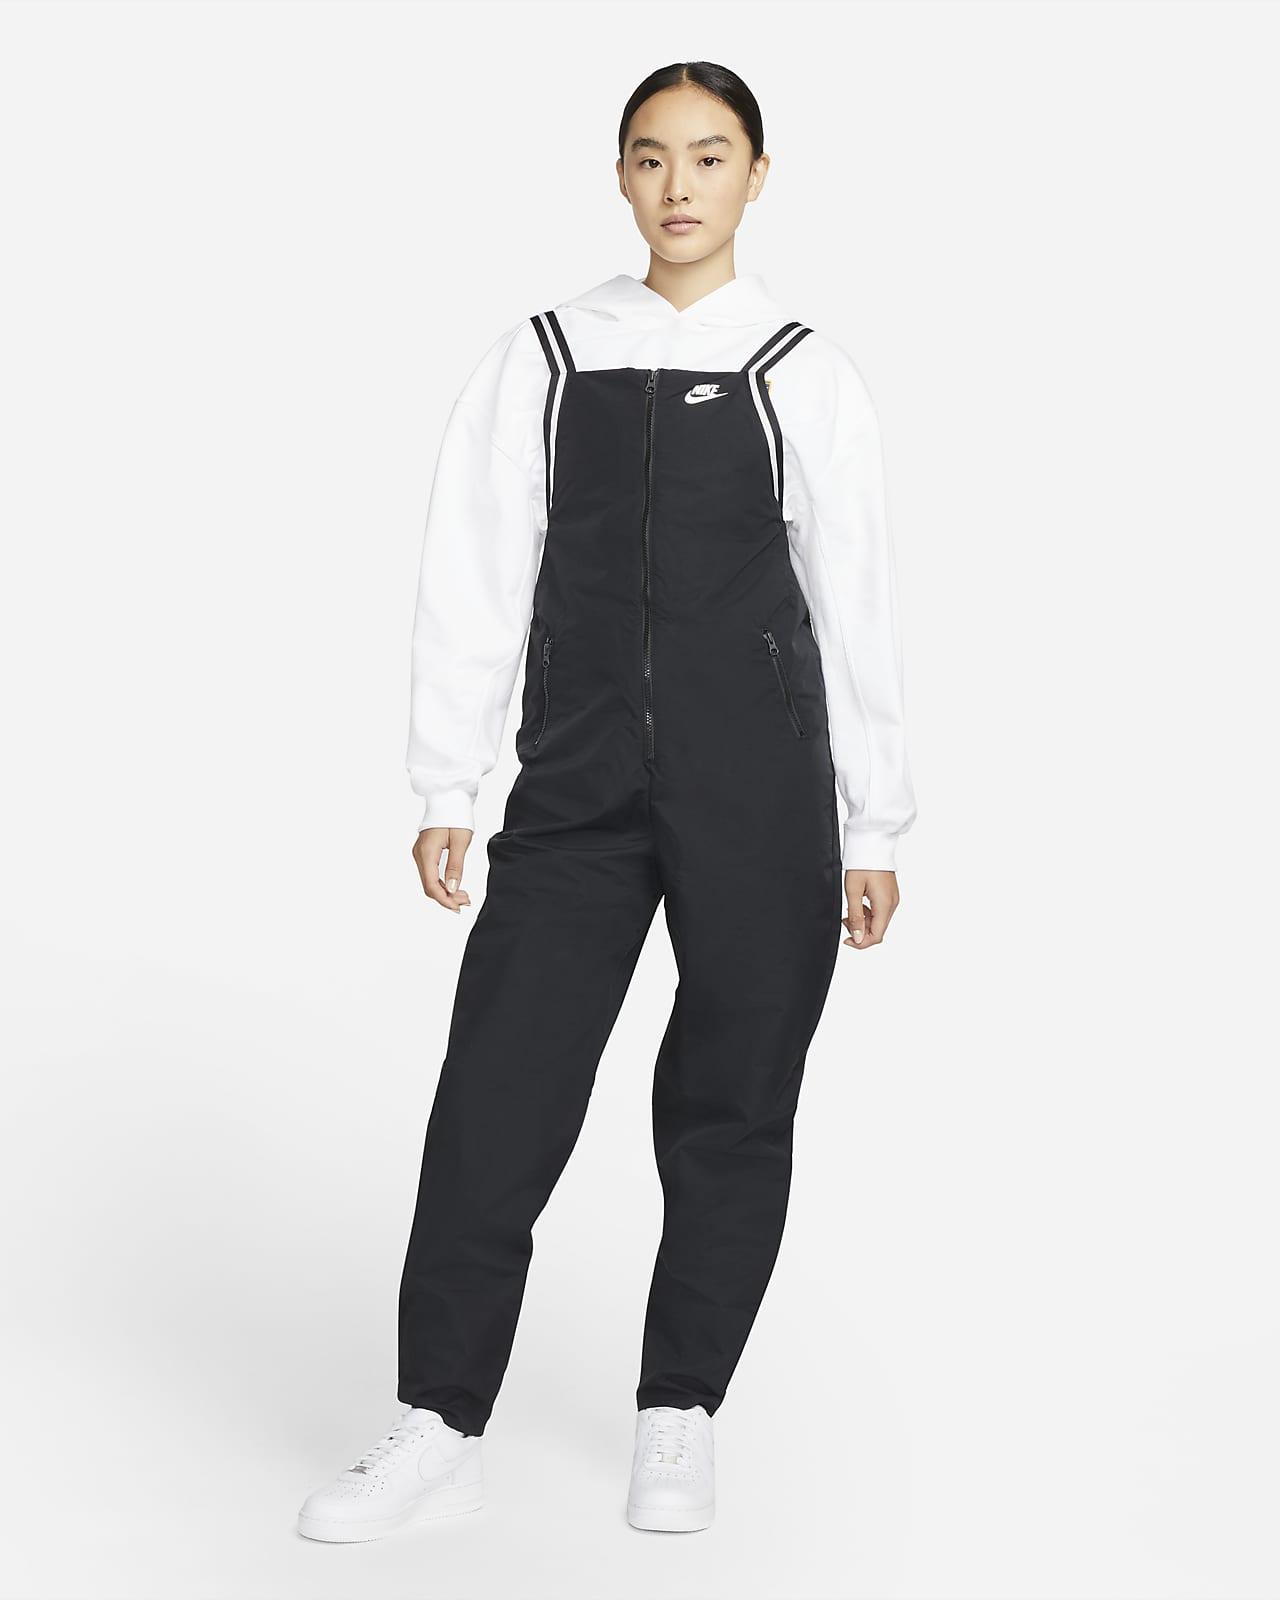 セリーナ デザイン クルー ウィメンズ テニスジャンプスーツ